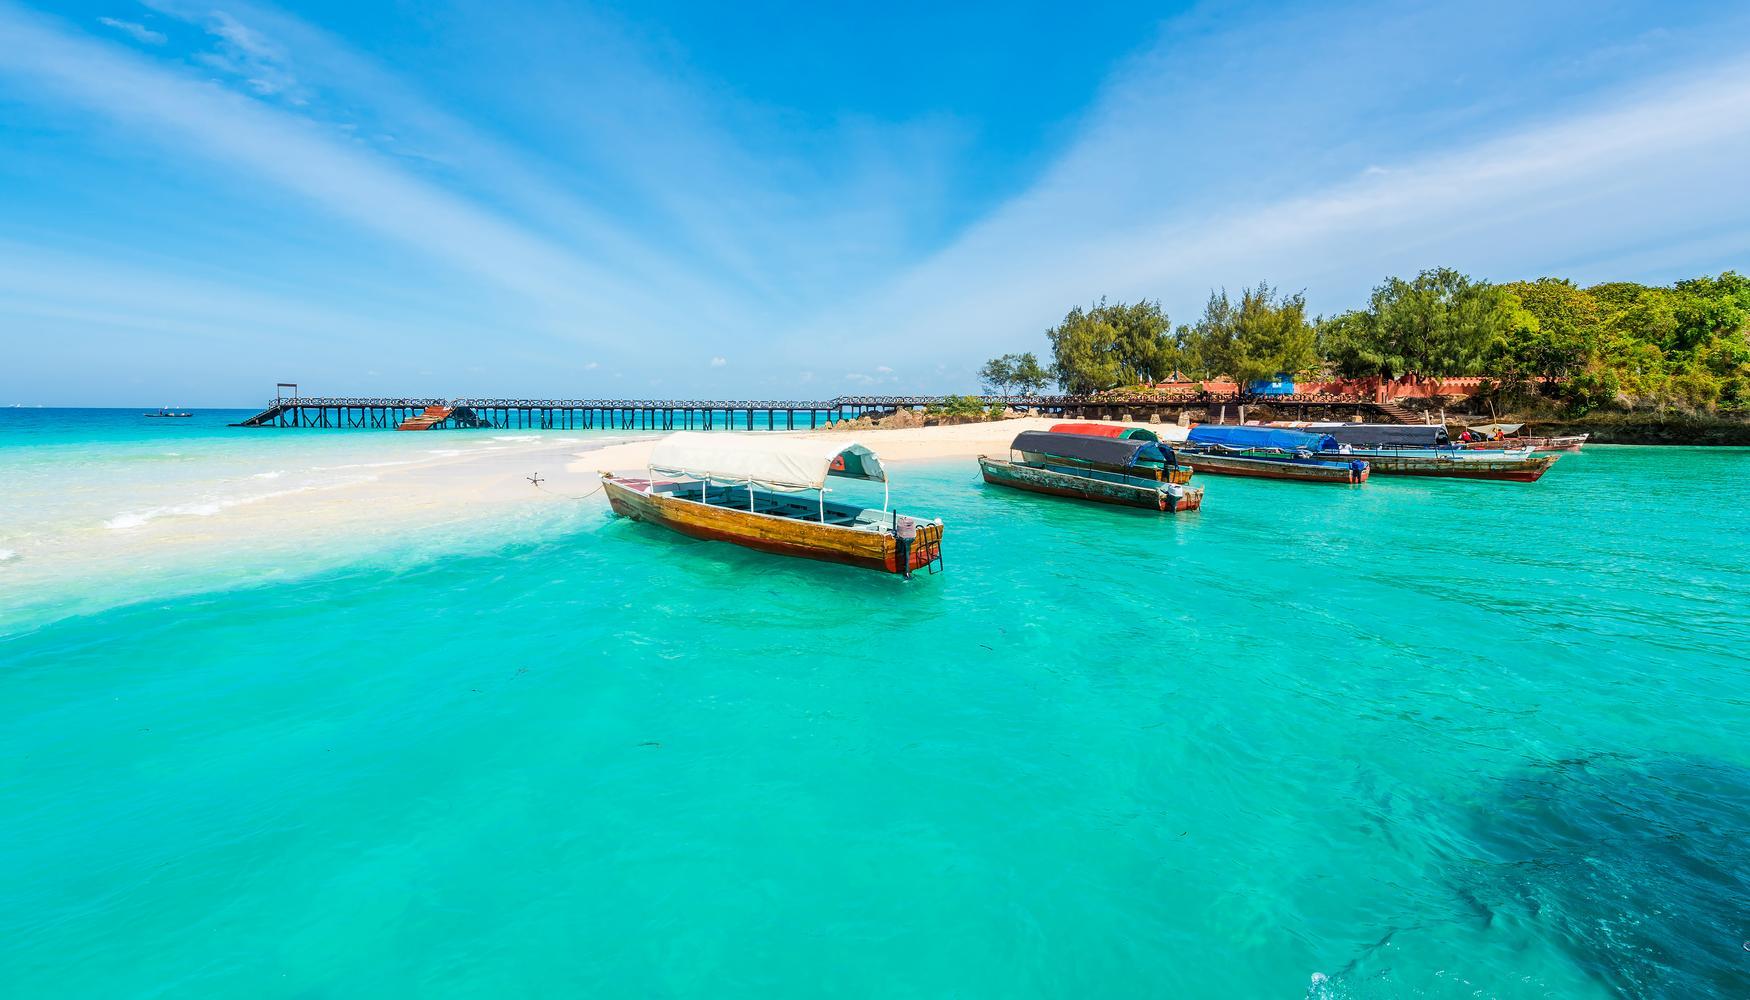 Guia de viagem: Zanzibar | Turismo em Zanzibar - KAYAK